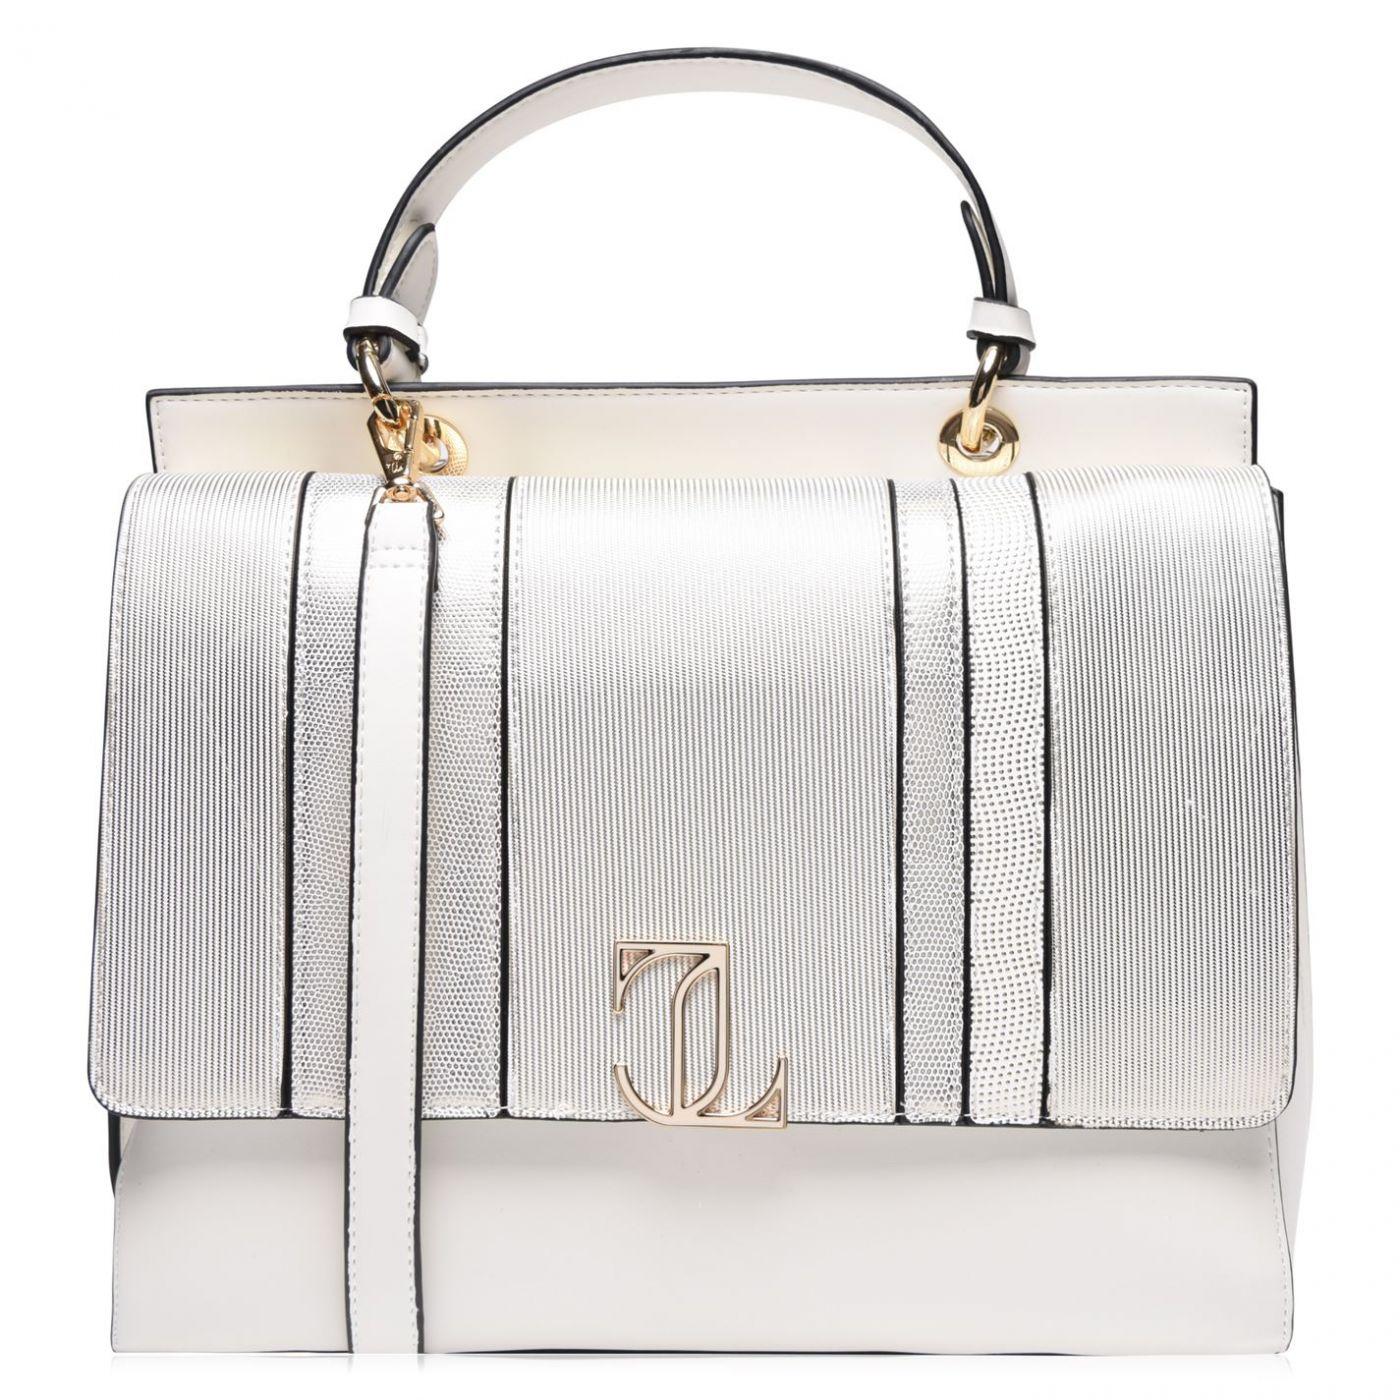 Jennifer Lopez Emme Bag 02 BX99